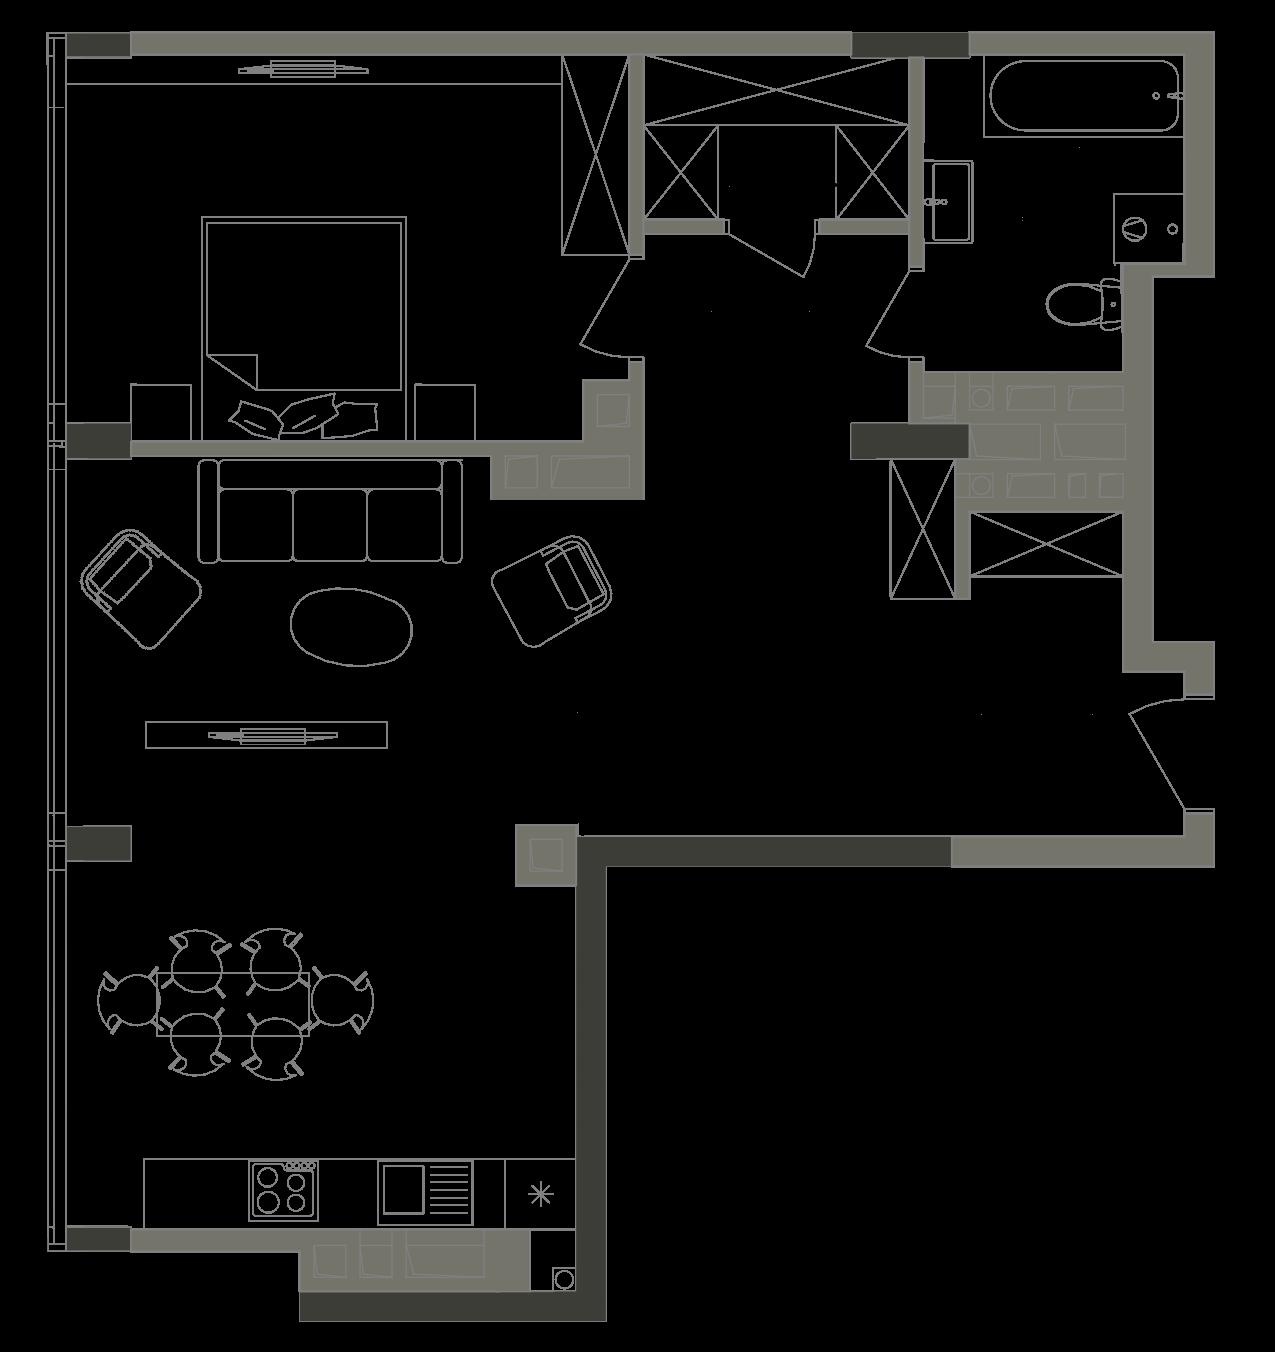 Квартира KV_101_1K_1_1_4